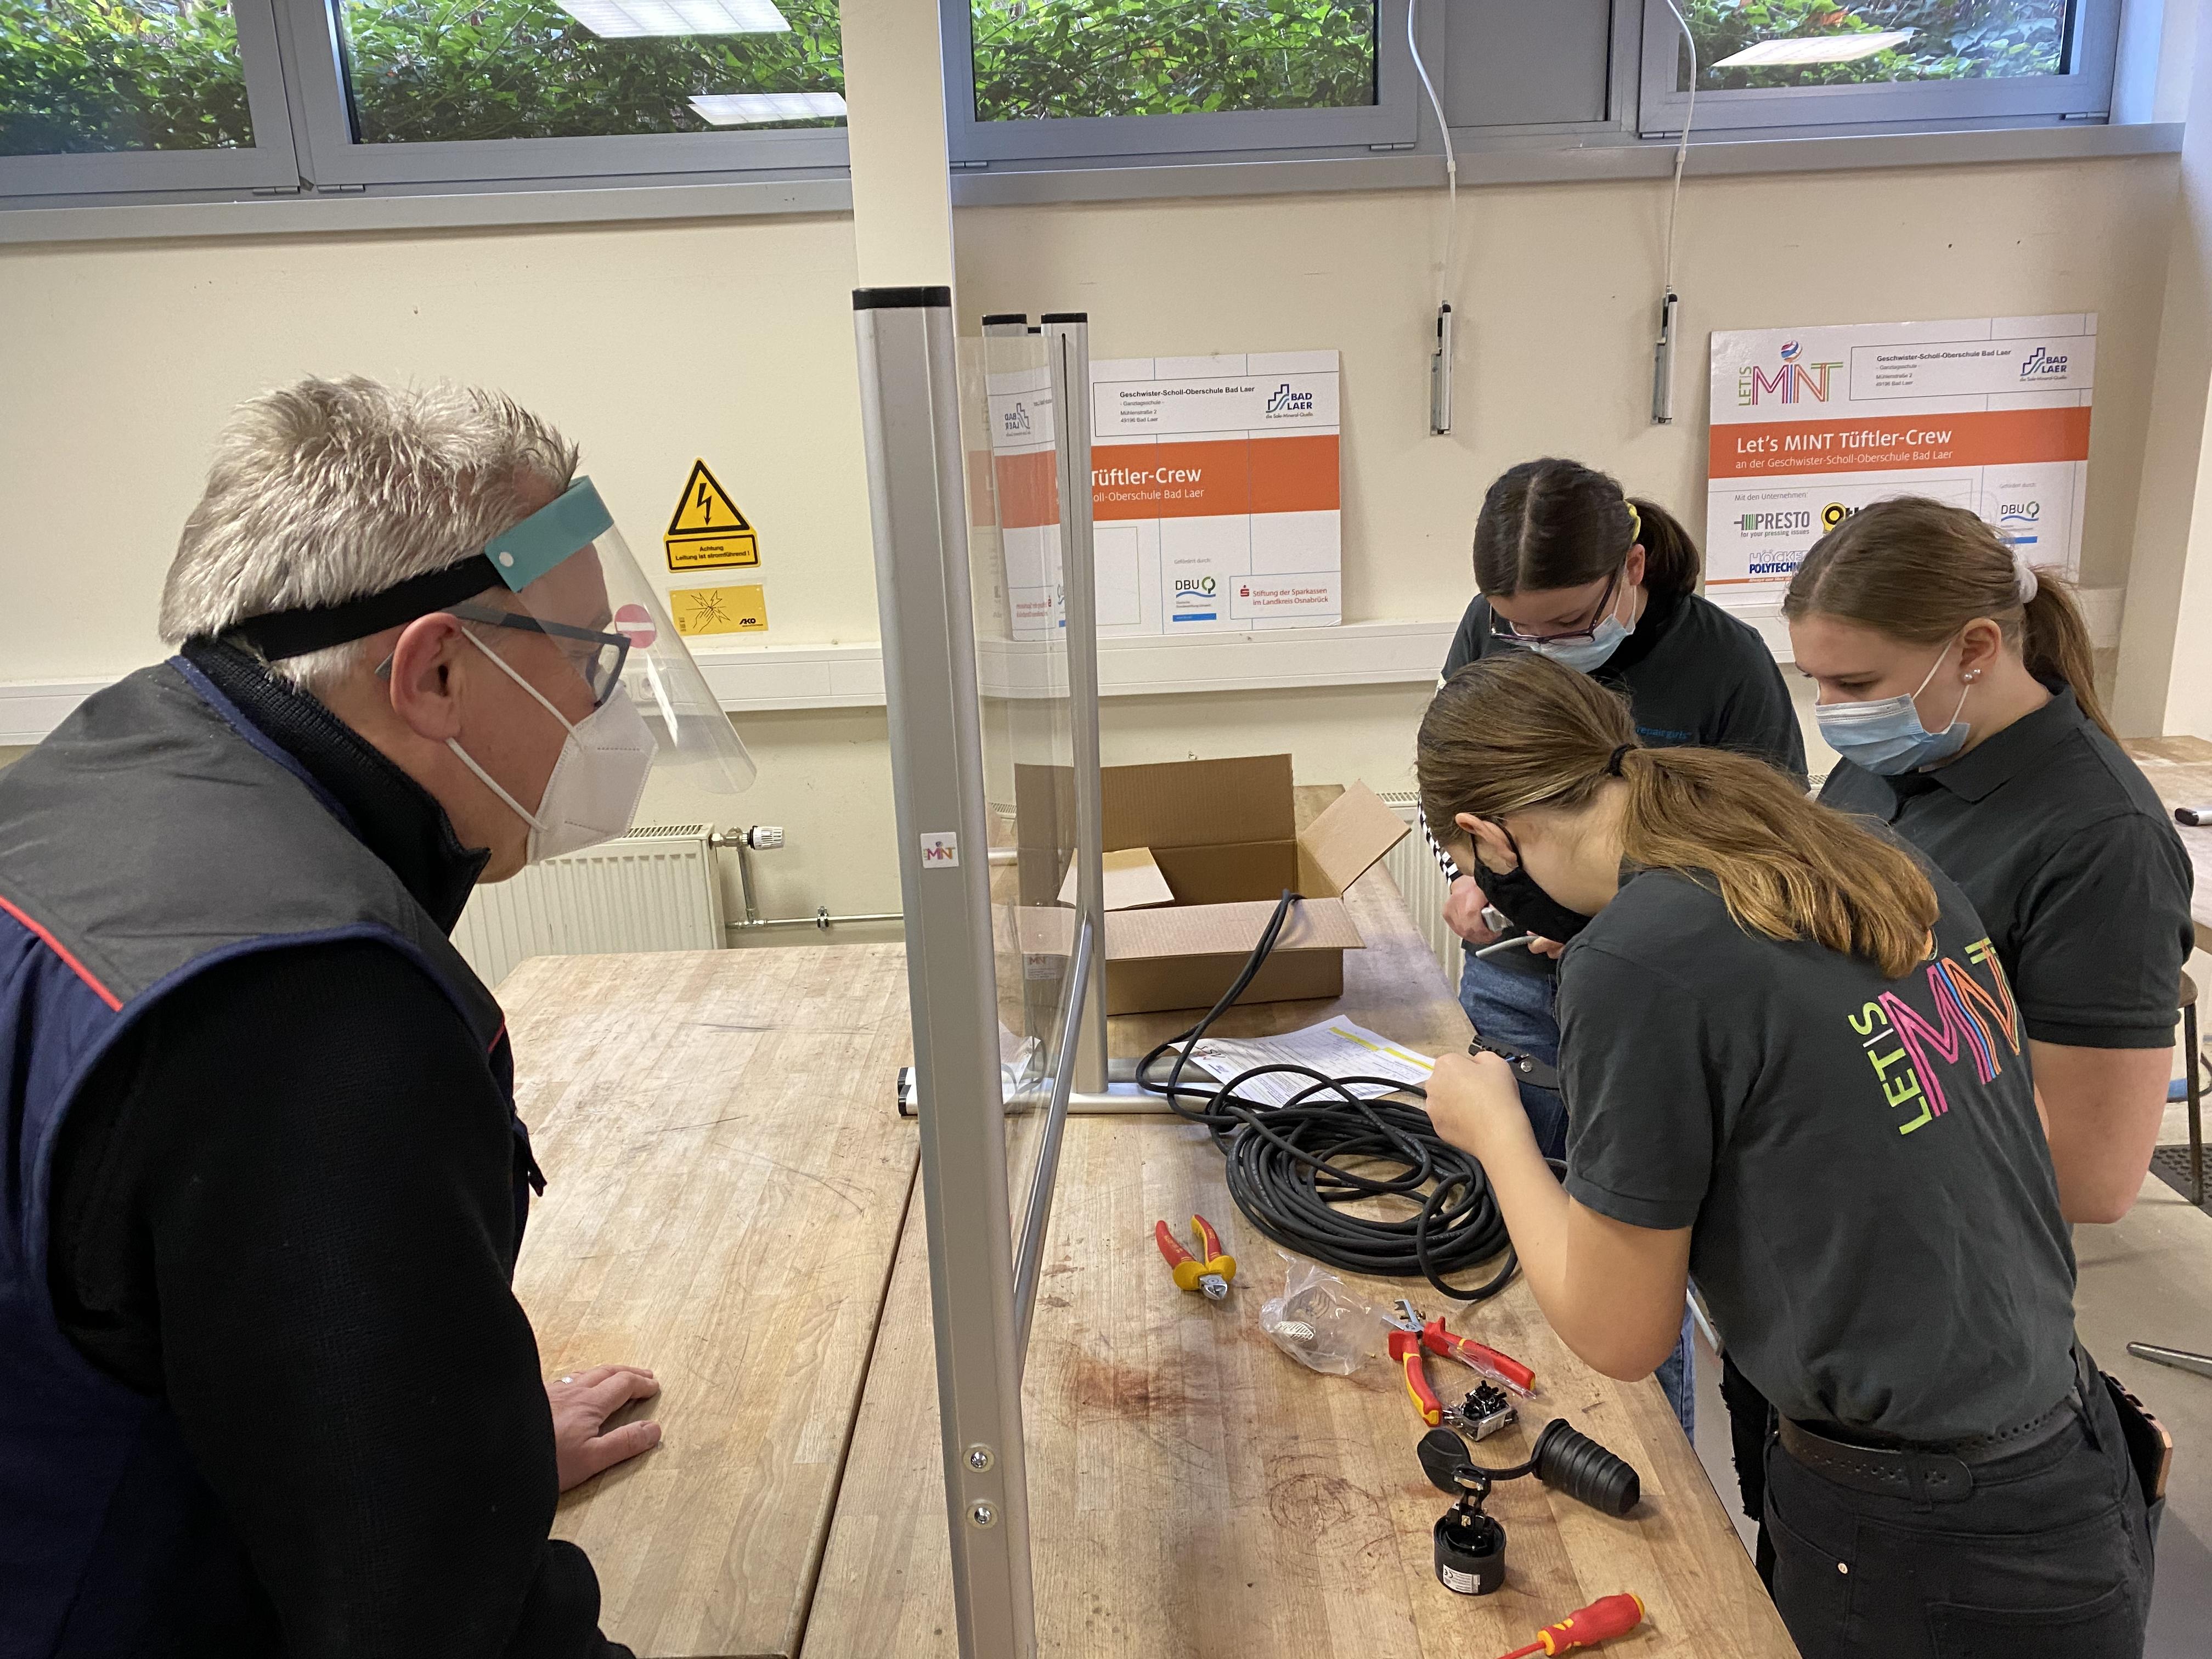 Gemeinsam mit Reparaturexperten bereiten Schüler in Wahlpflicht-AGs an Oberschulen, wie hier die Repair Girls von der Oberschule Bad Laer, defekte Elektrogeräte auf, prüfen sie fachmännisch und schenken den Geräten so ein zweites Leben.